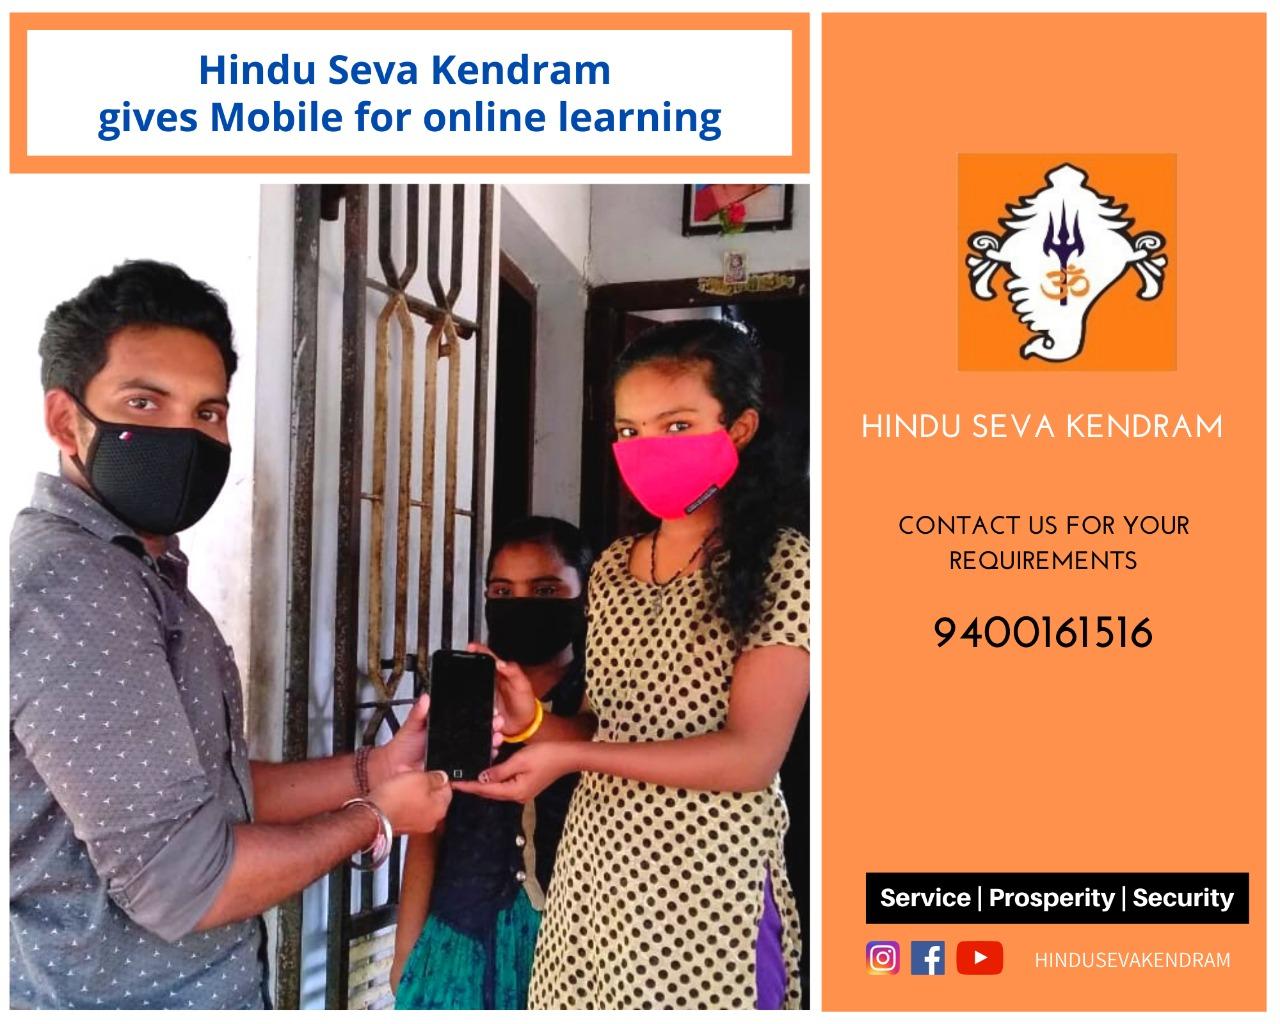 Hindu Seva Kendram gives Mobile for Online Learning